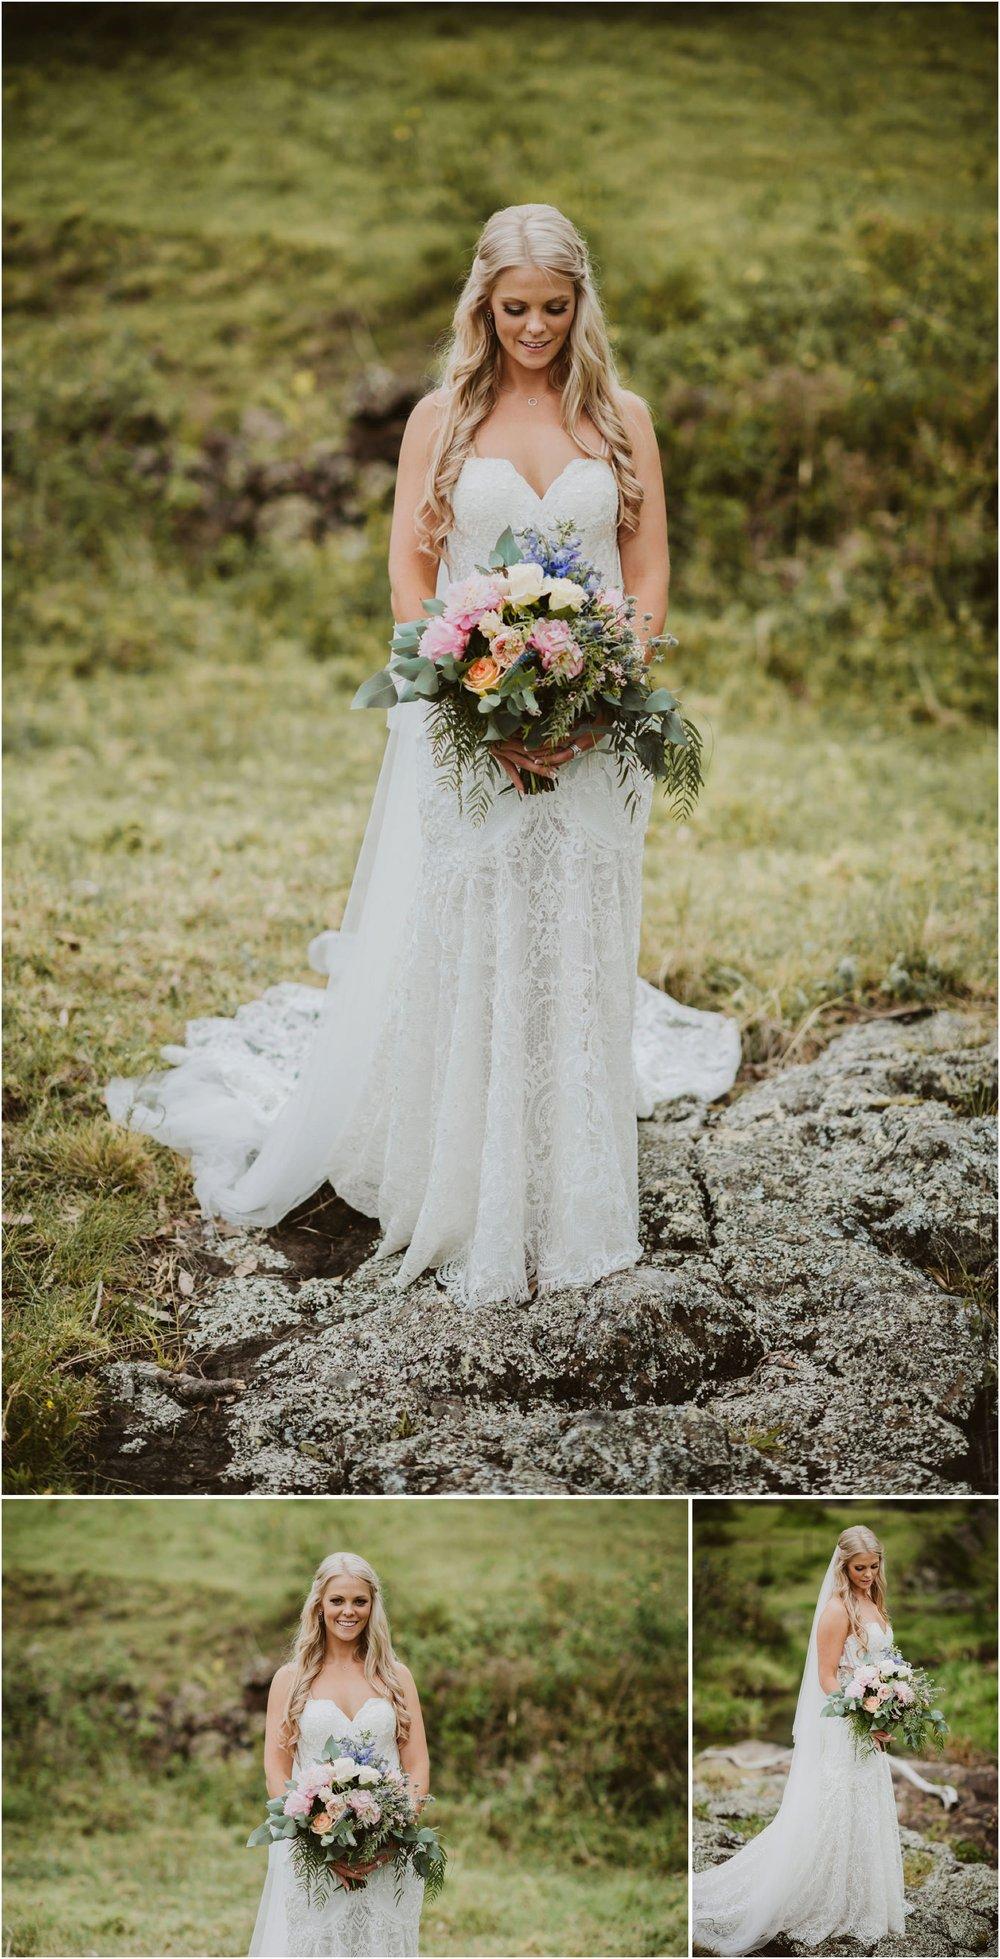 Bushbank Southern Highlands South Coast Wedding Jack Gilchrist Photography Sydney_0320.jpg